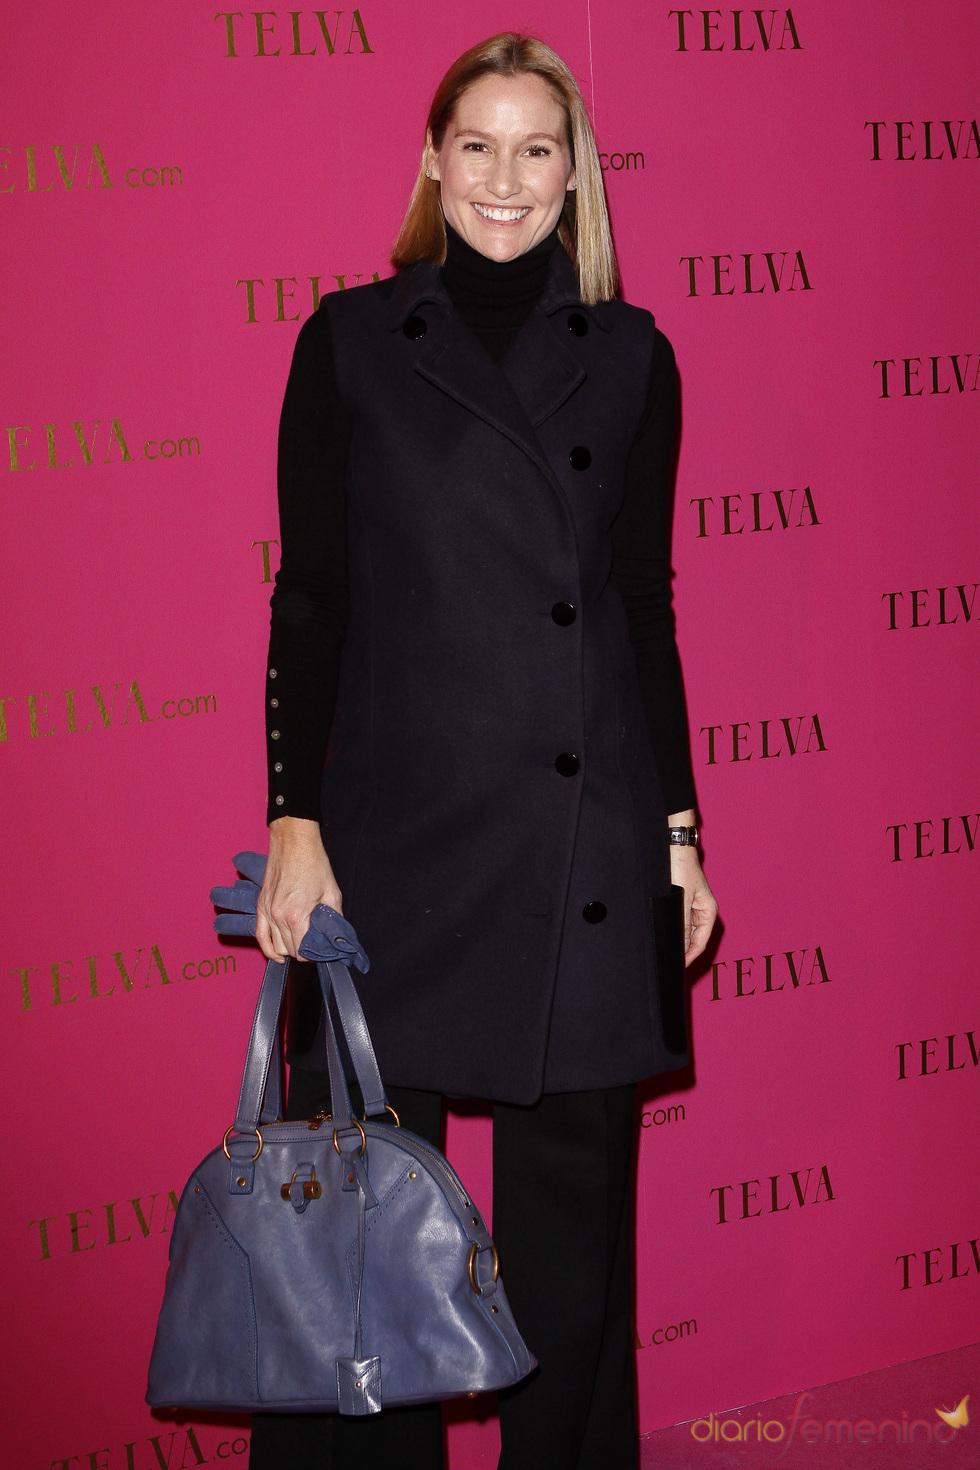 Fiona Ferrer en los premios Telva Belleza 2011